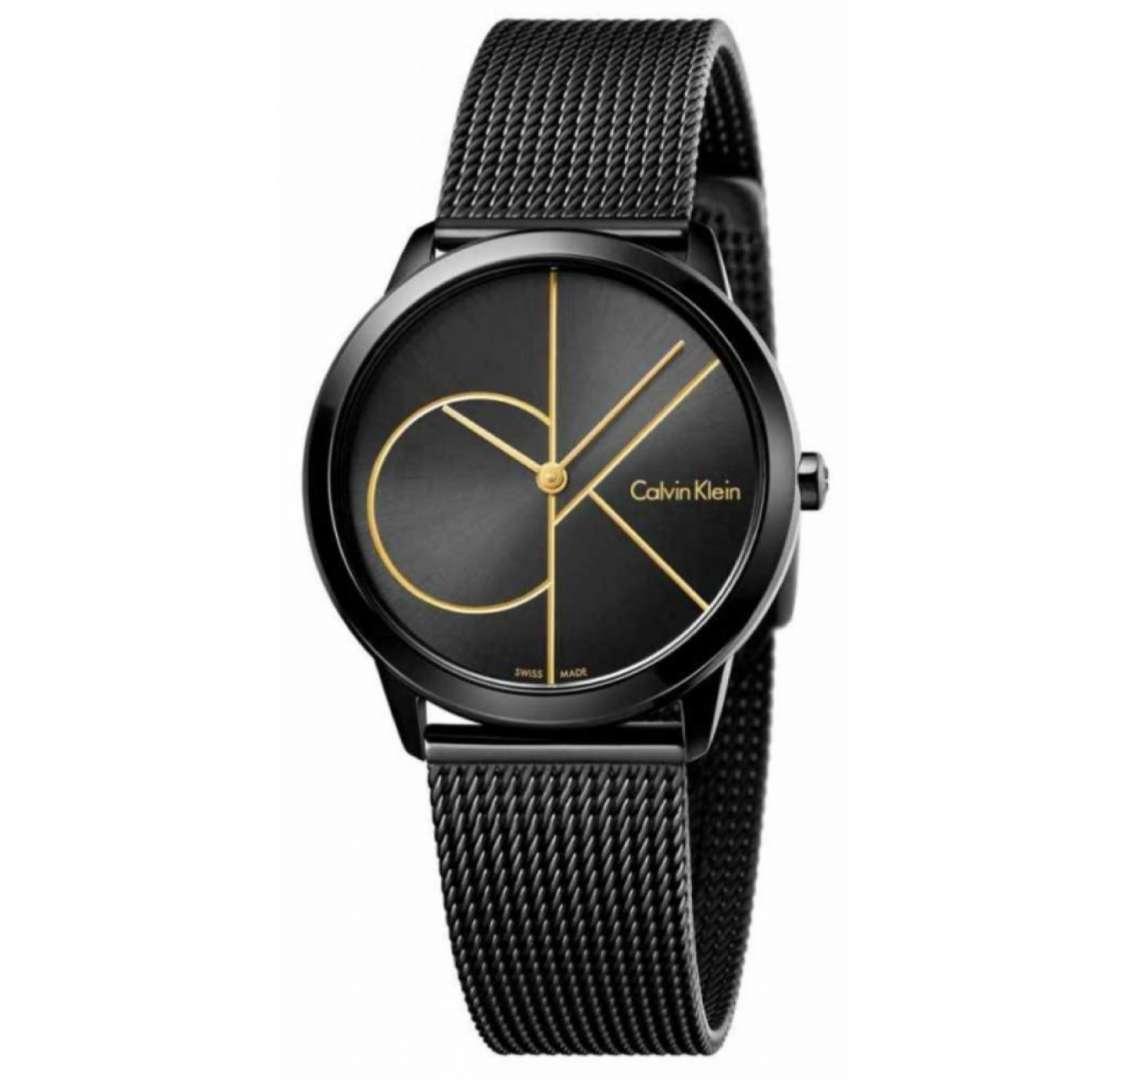 שעון יד אנלוגי לאישה calvin klein K3M224X1 קלווין קליין